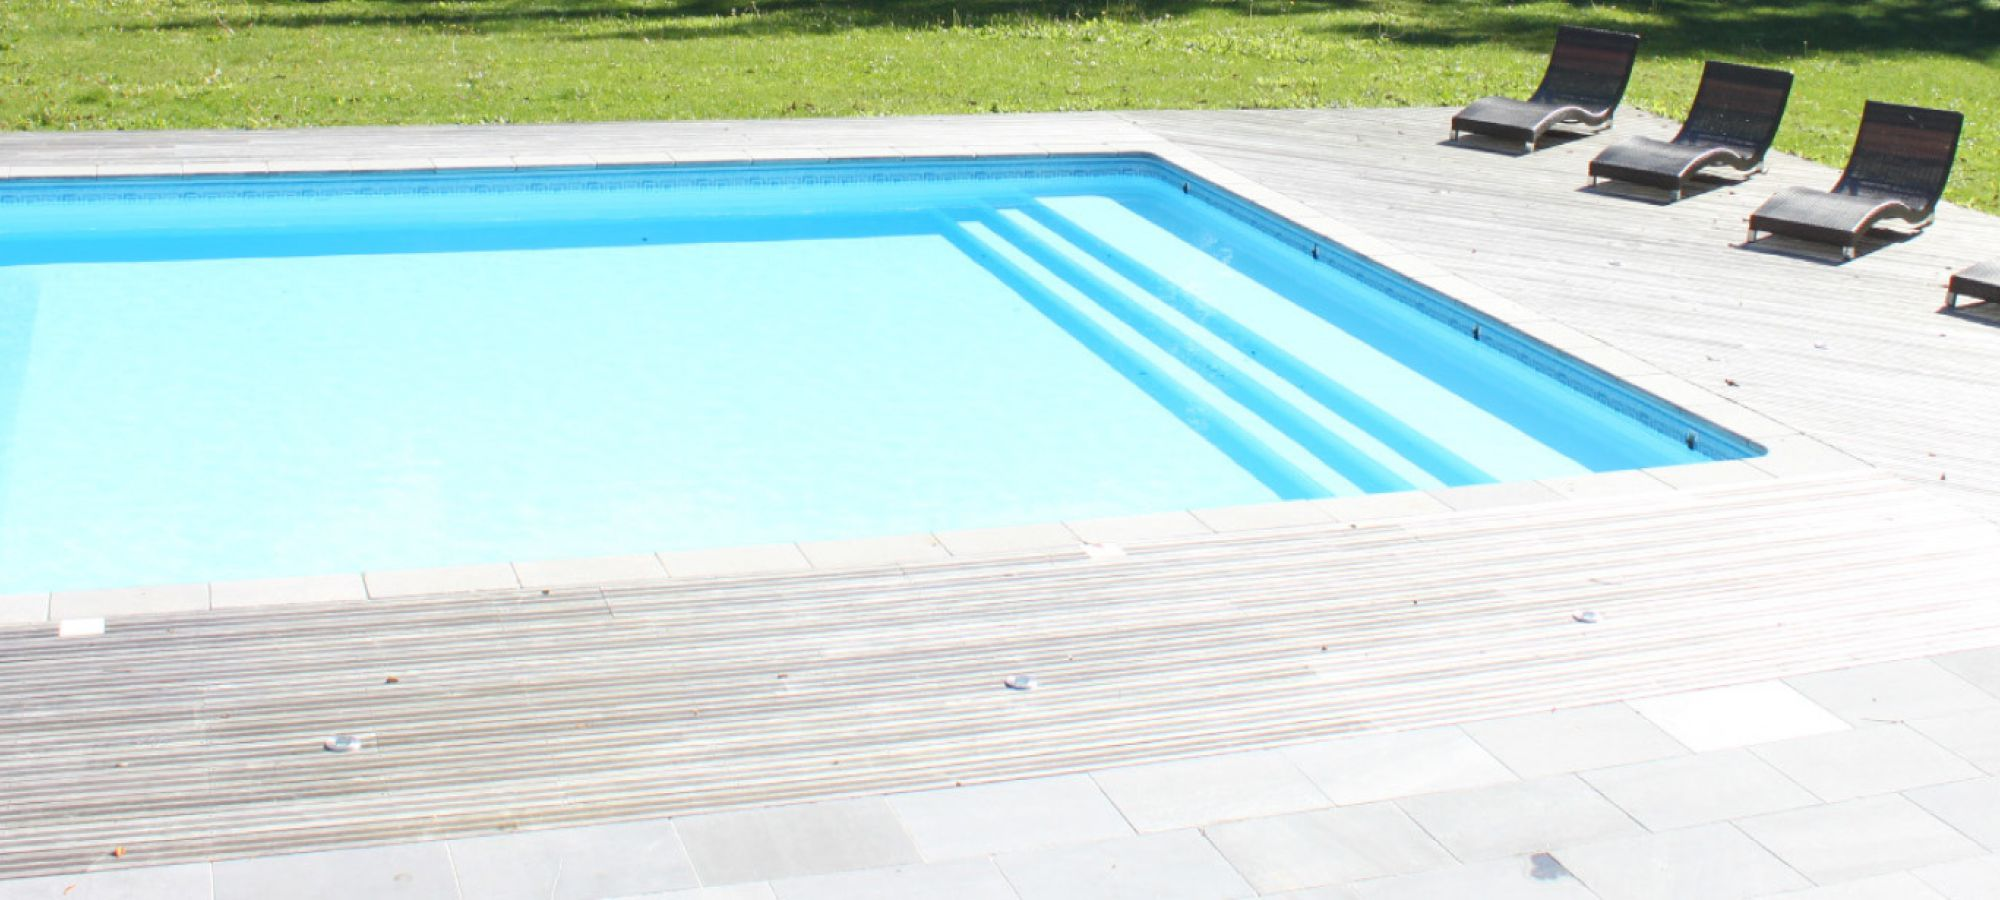 Une piscine dans votre jardin comment la choisir en for Budget piscine